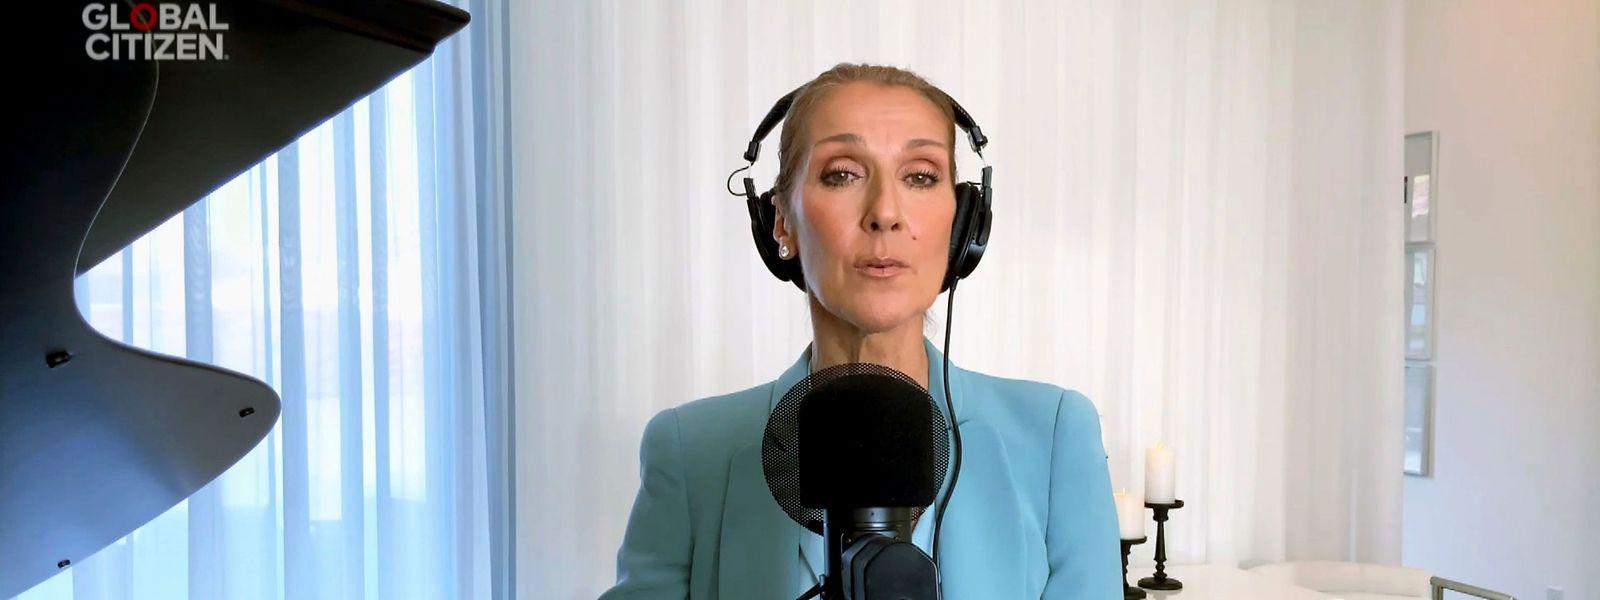 """La chanteuse a participé, le 18 avril à l'opération """"Global Citizen's One World: Together at Home"""", le temps d'un trio."""